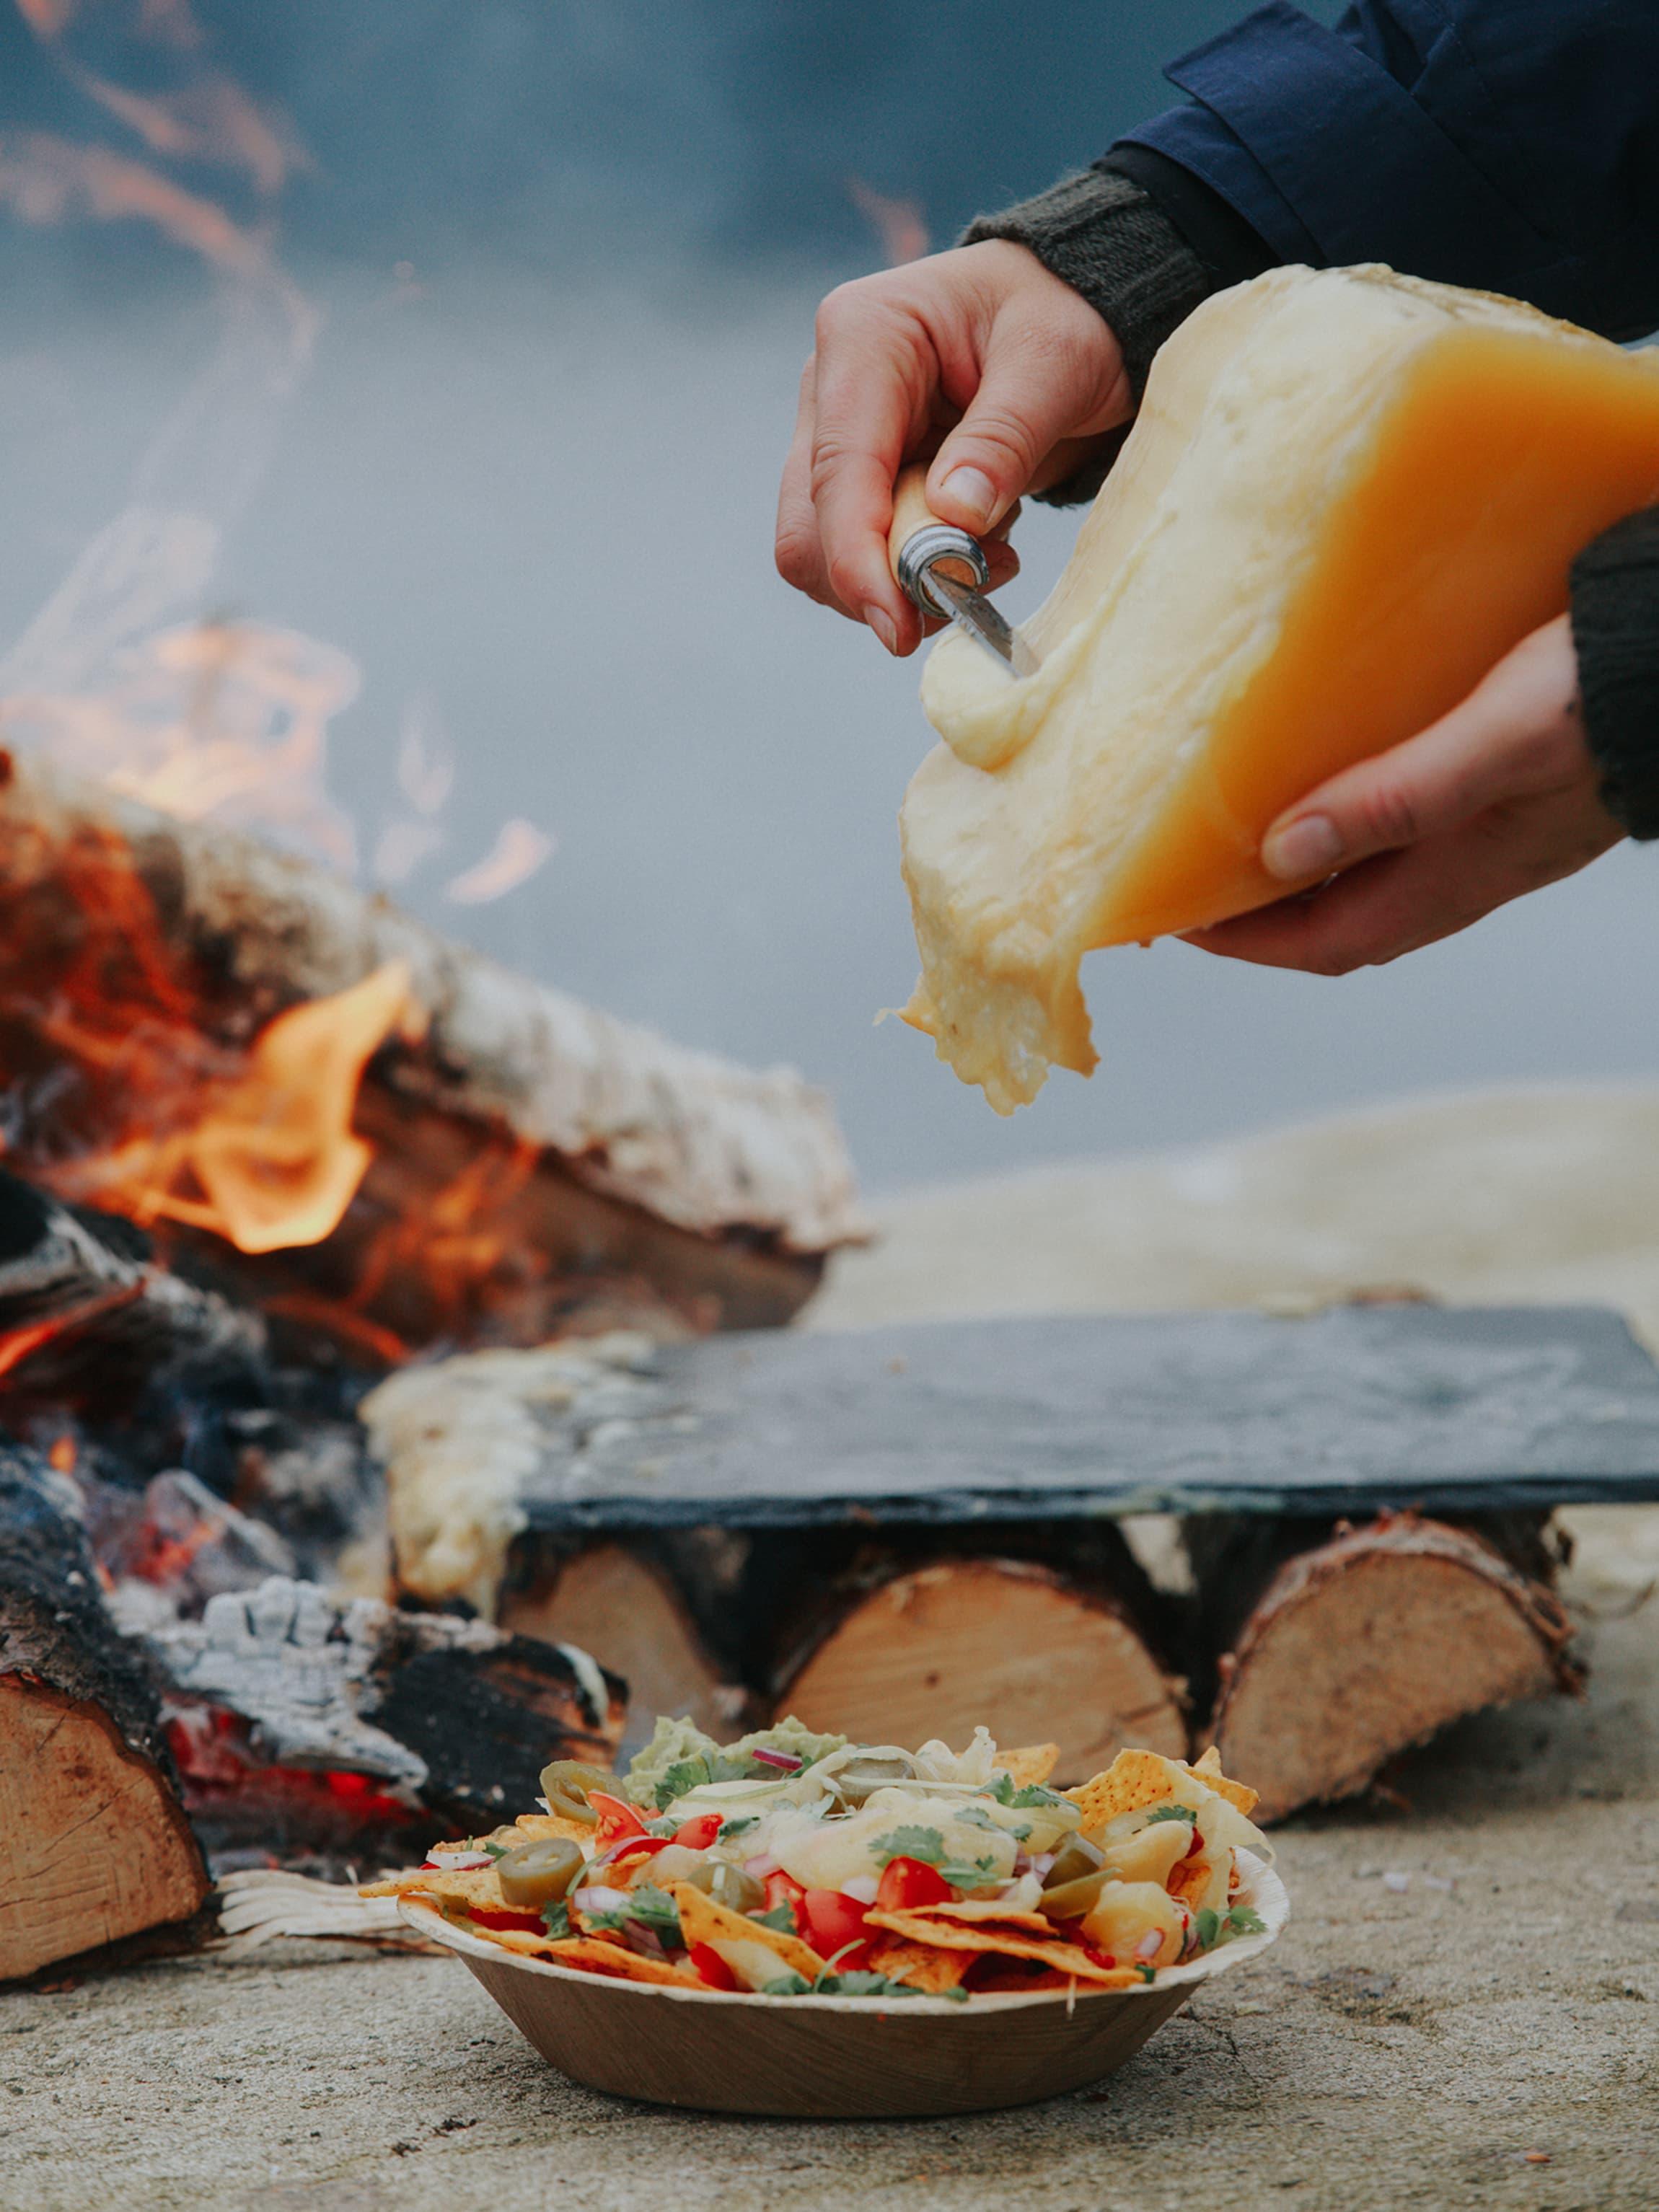 Norsk Alpeost egner seg godt smeltet som raclette sammen med kokte poteter, skinke, sølvløk og cornichons.